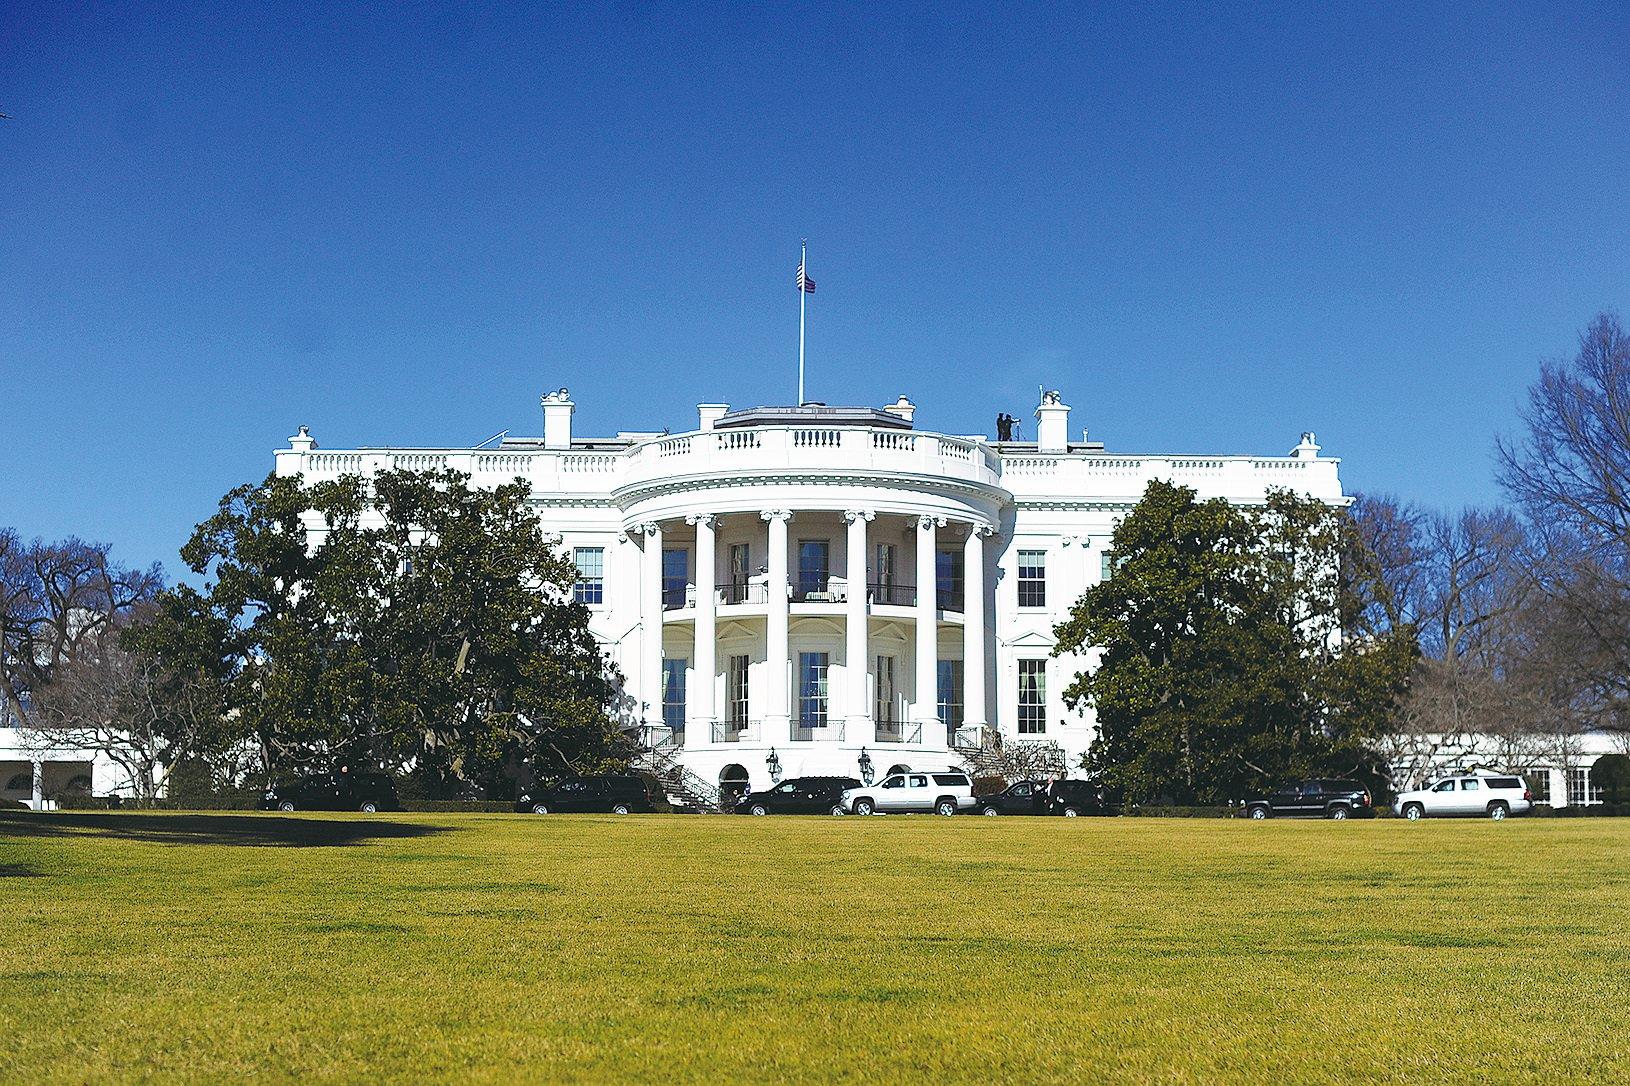 日前白宮官員透露,高級官員將於周四和中國國家主席的首席經濟顧問「坦誠交換意見」,表達特朗普政府對美中貿易議題的強硬立場。(Getty Images)